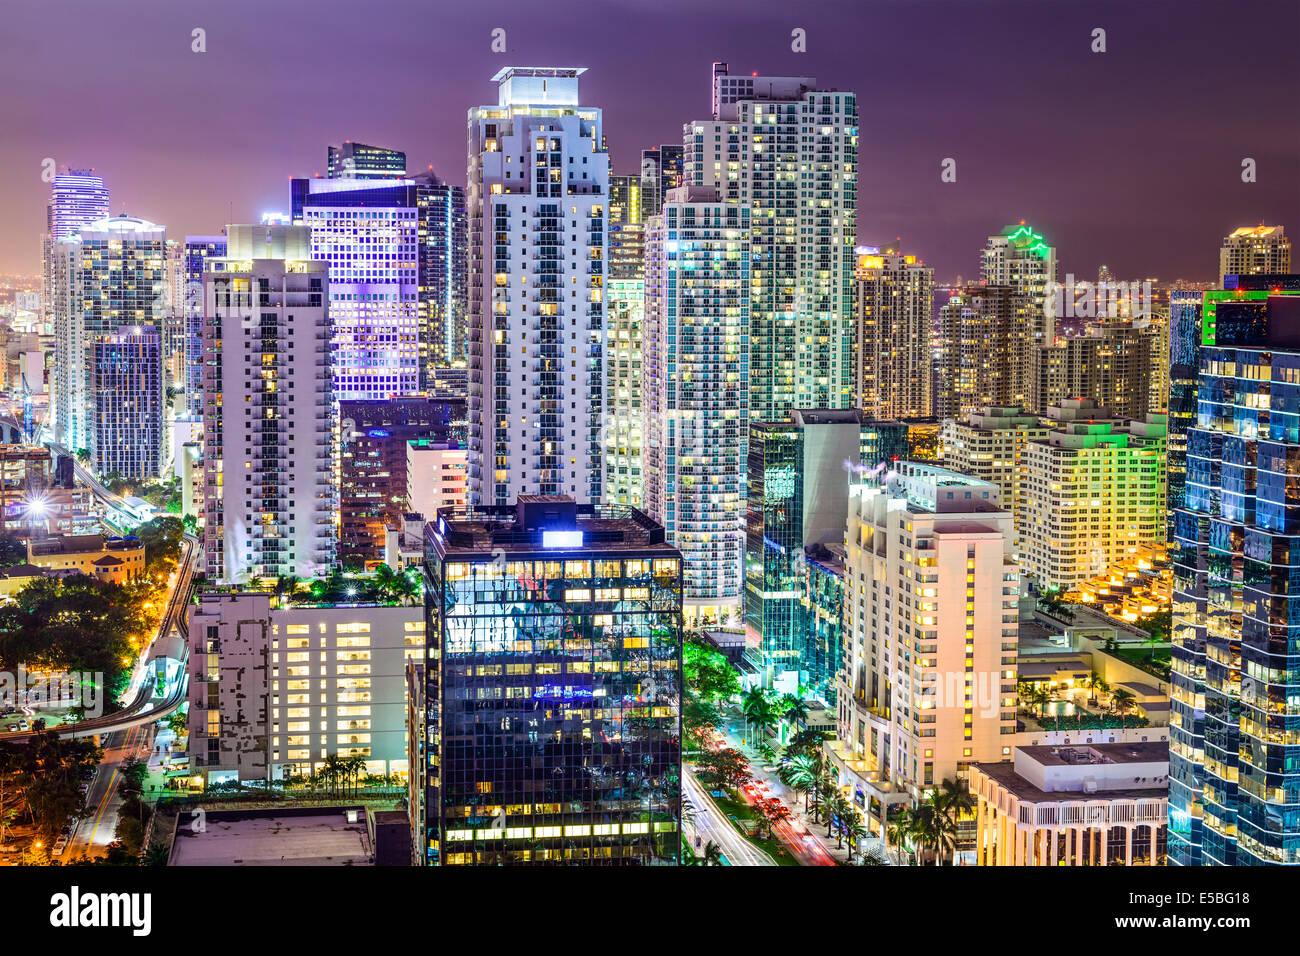 Miami, Florida, EE.UU. el centro de ciudad. Imagen De Stock